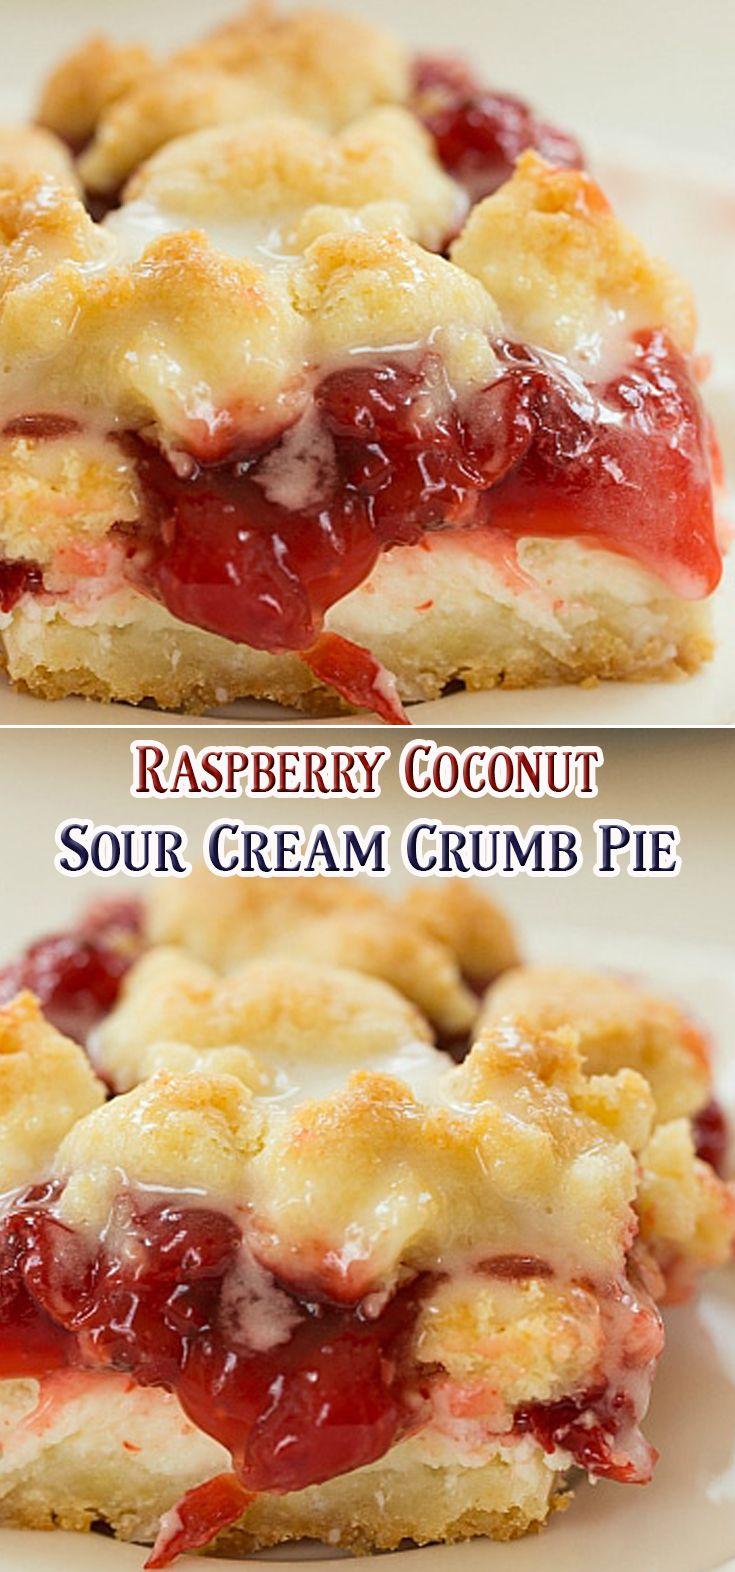 Raspberry Coconut Sour Cream Crumb Pie